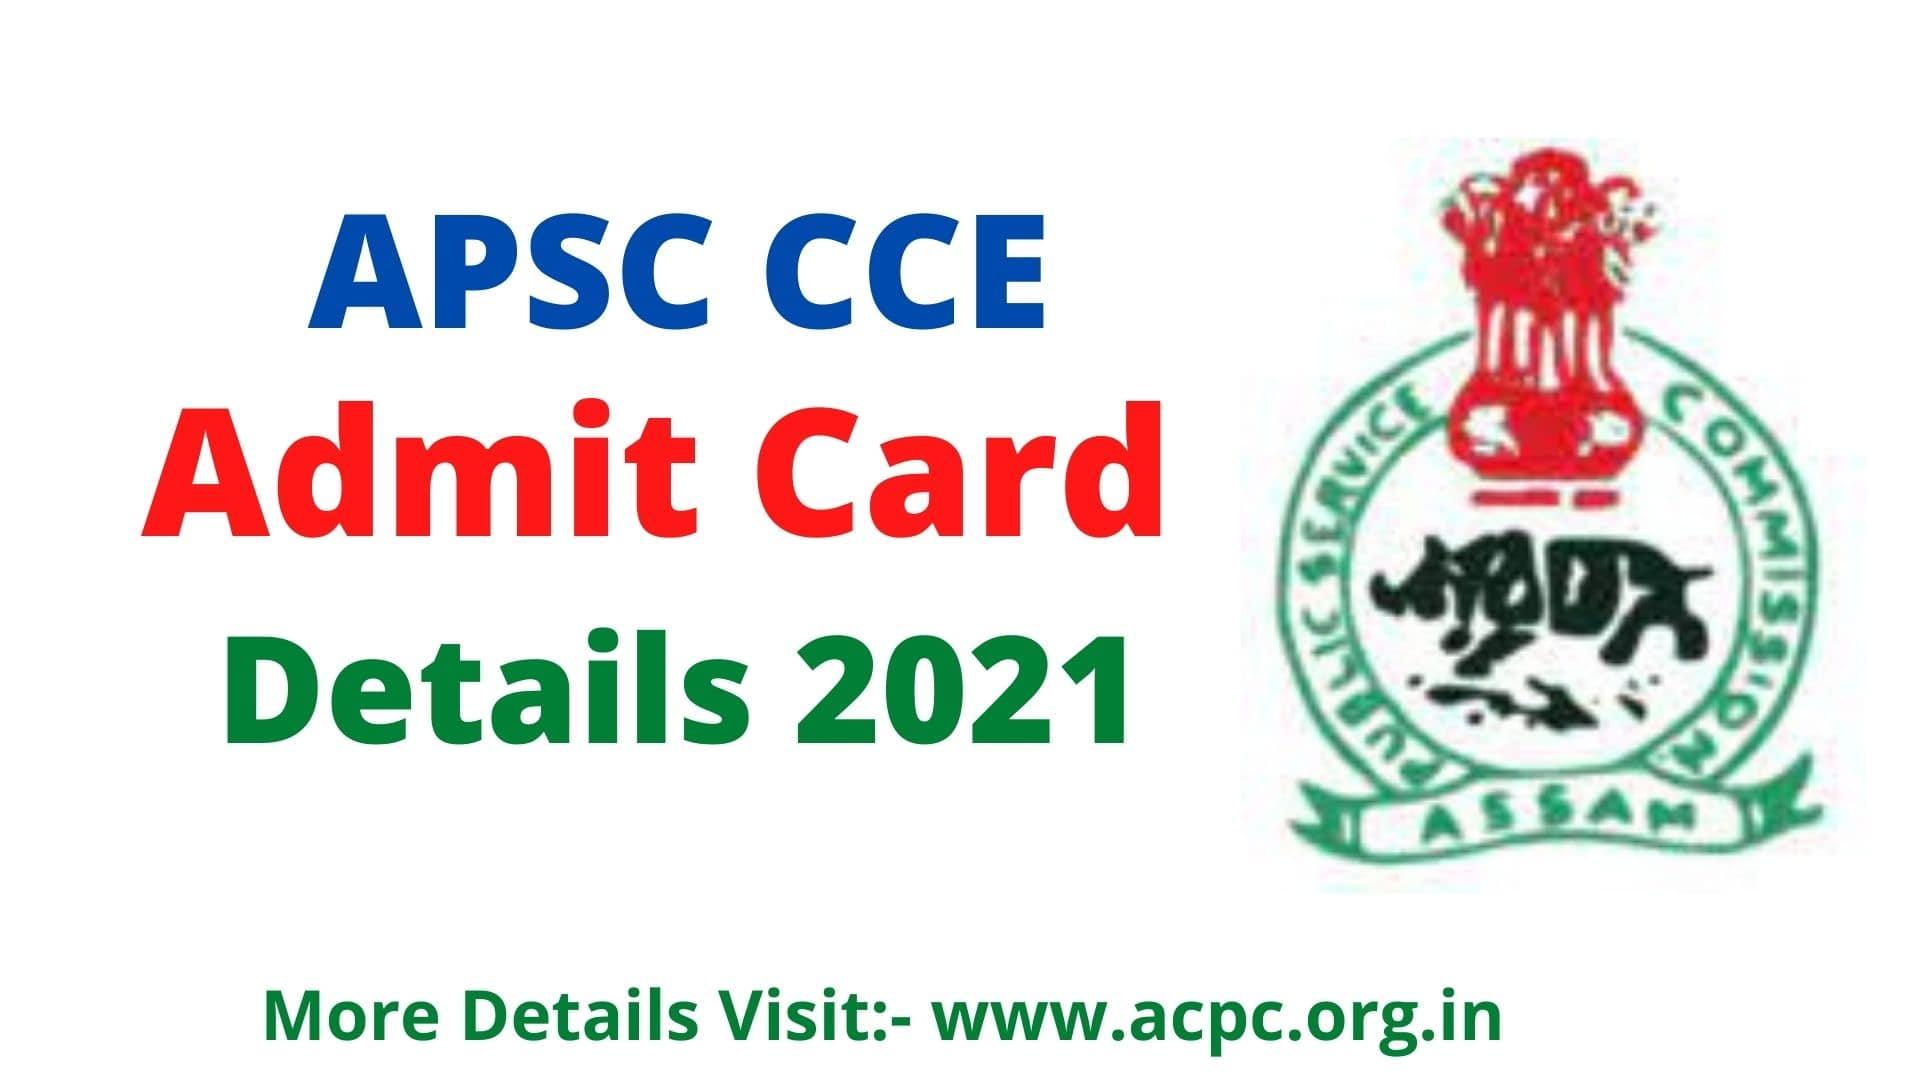 APSC CCE Admit Card 2021 Details